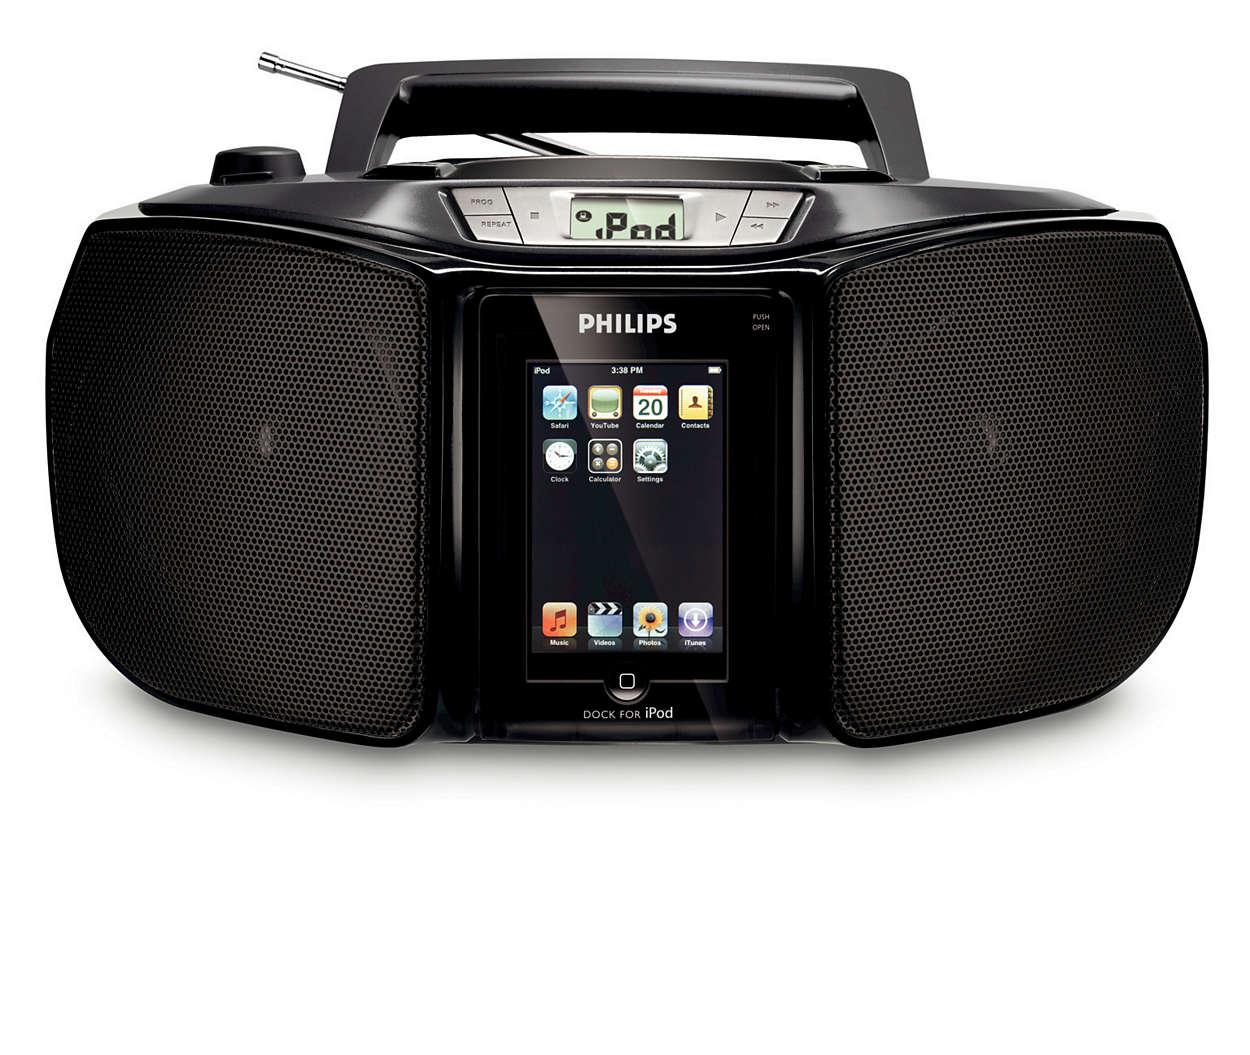 """Mėgaukitės garsia """"iPod"""" ir CD muzika, kad ir kur būtumėte"""